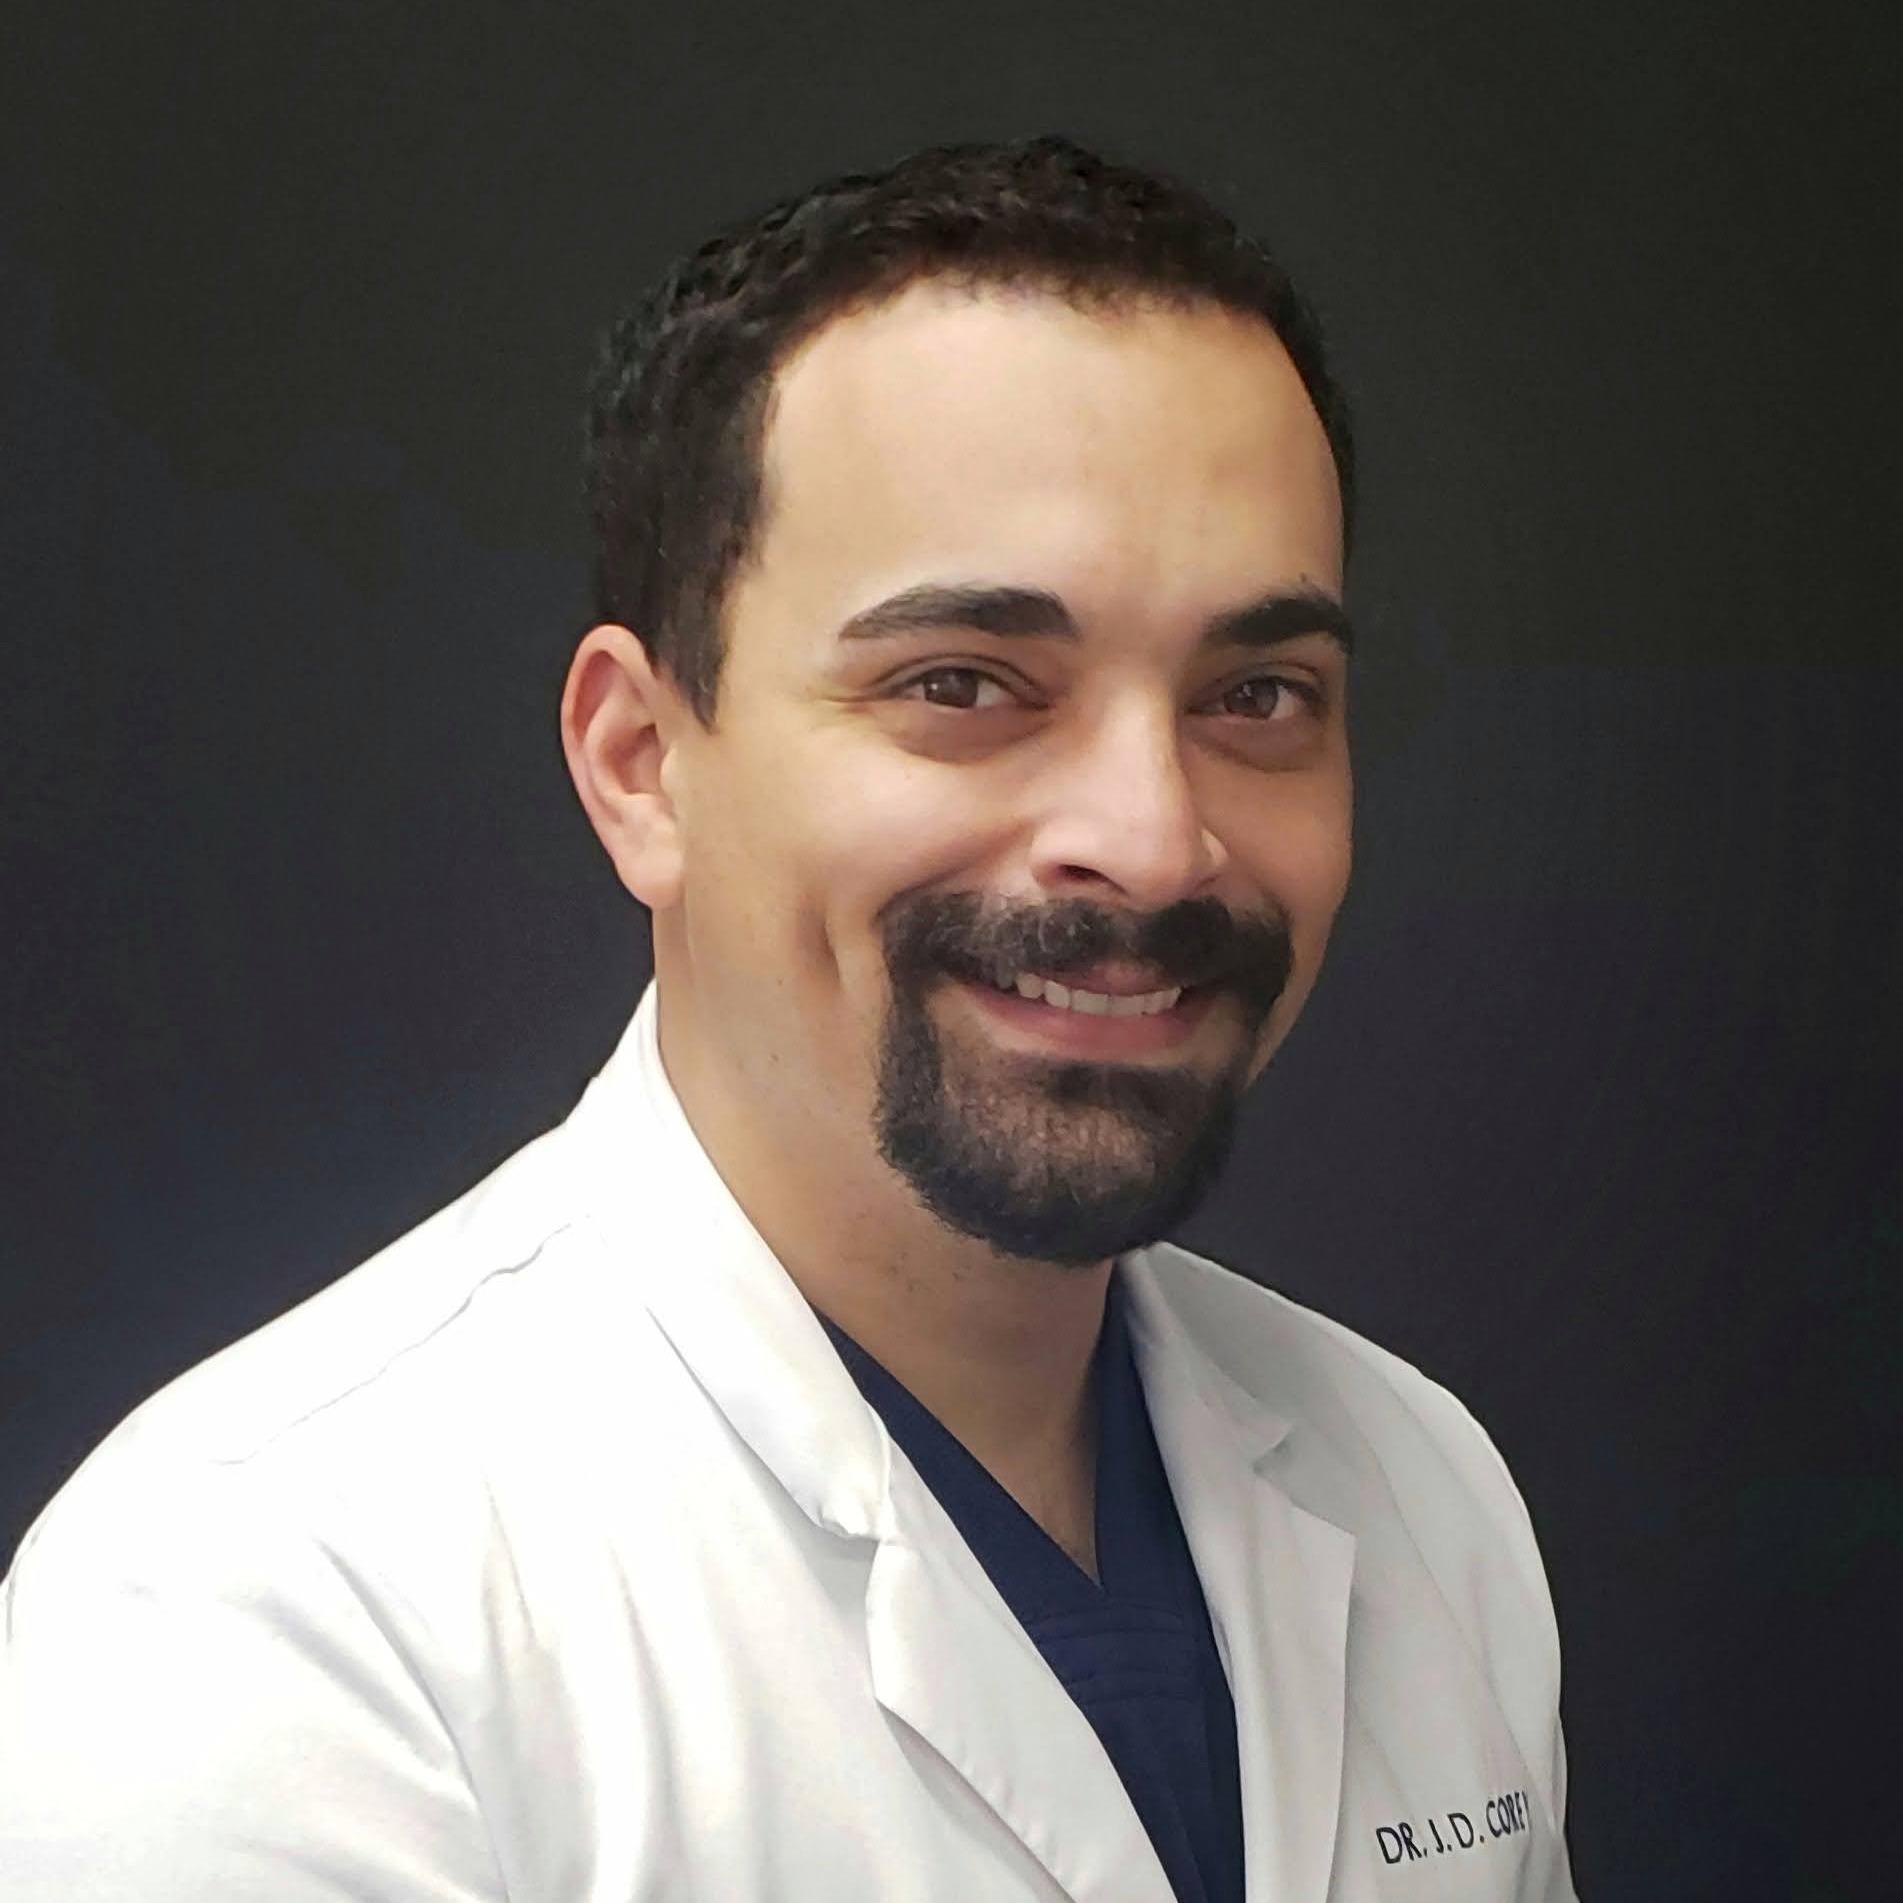 Dr. John D. Corey